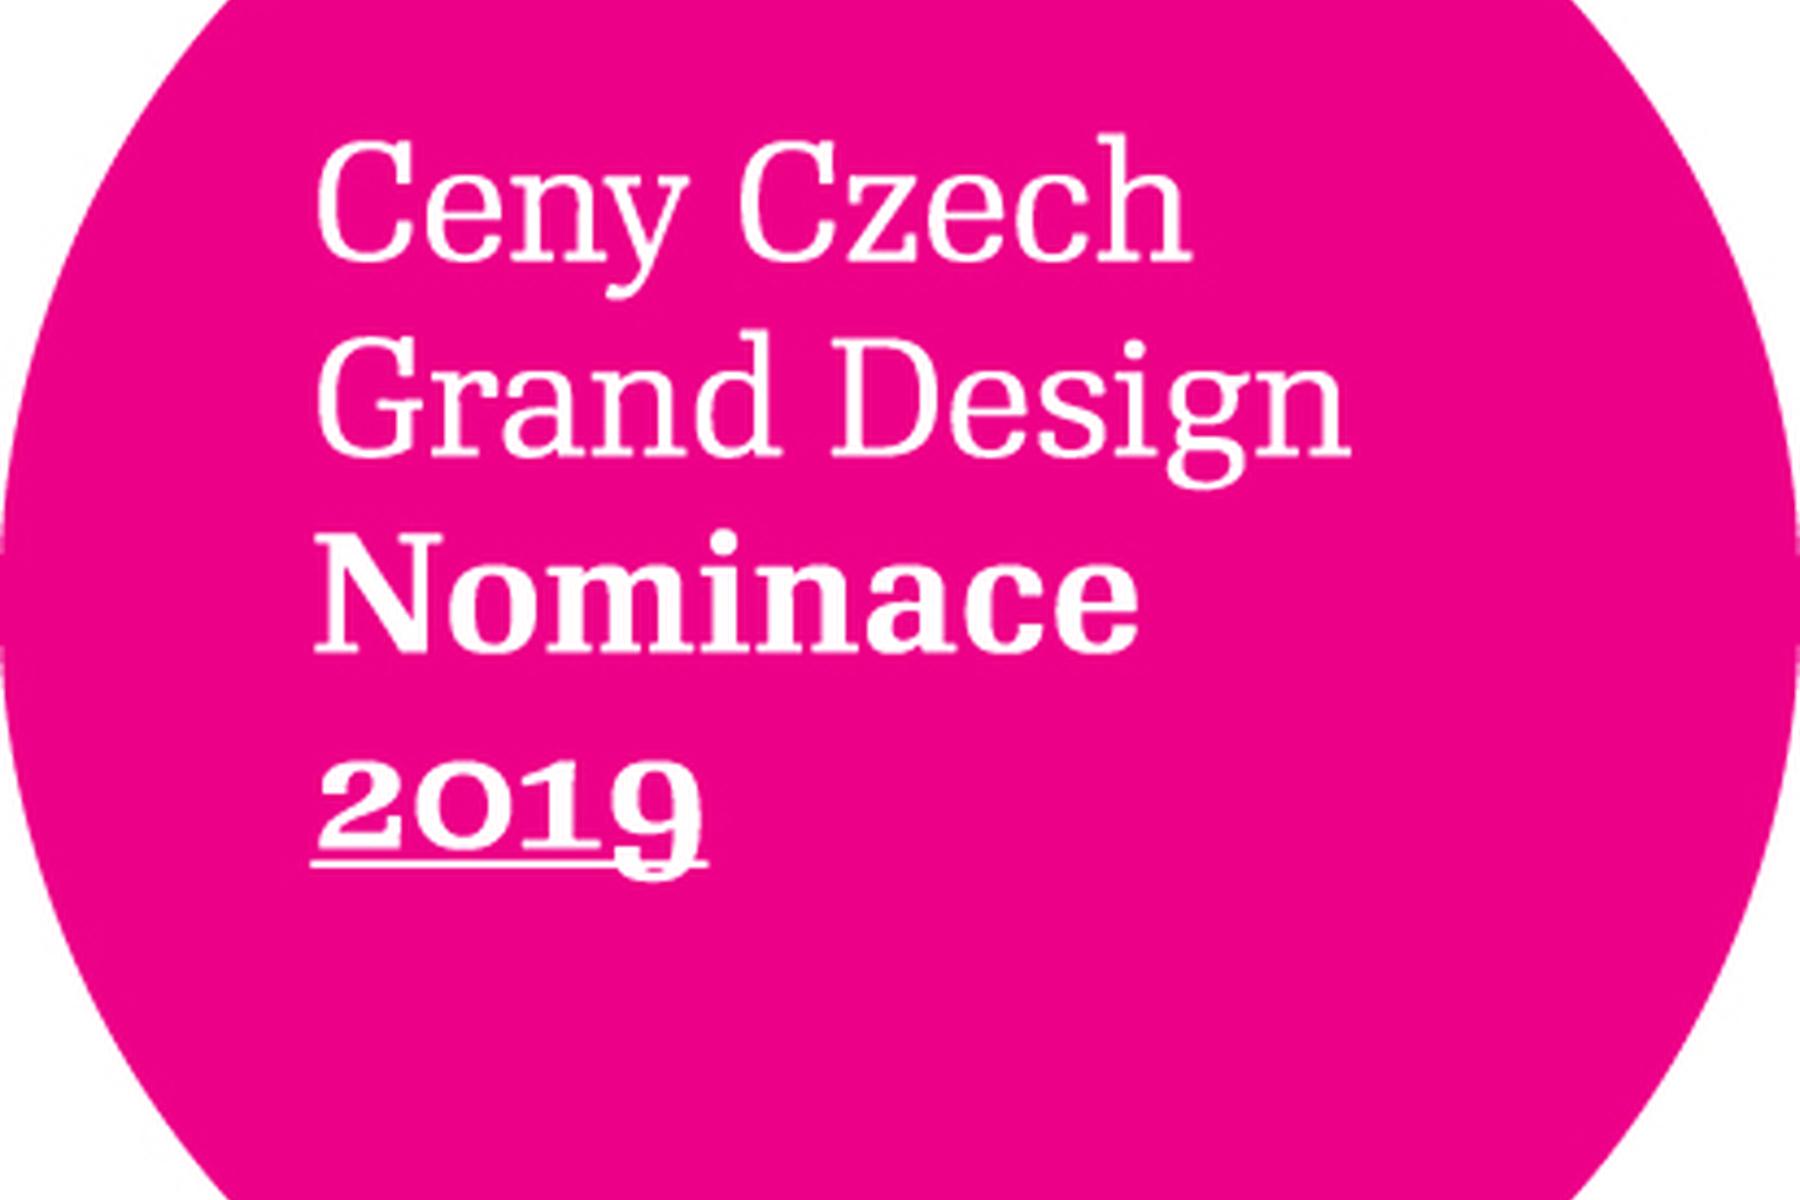 Tři nominace na ceny Czech Grand Design